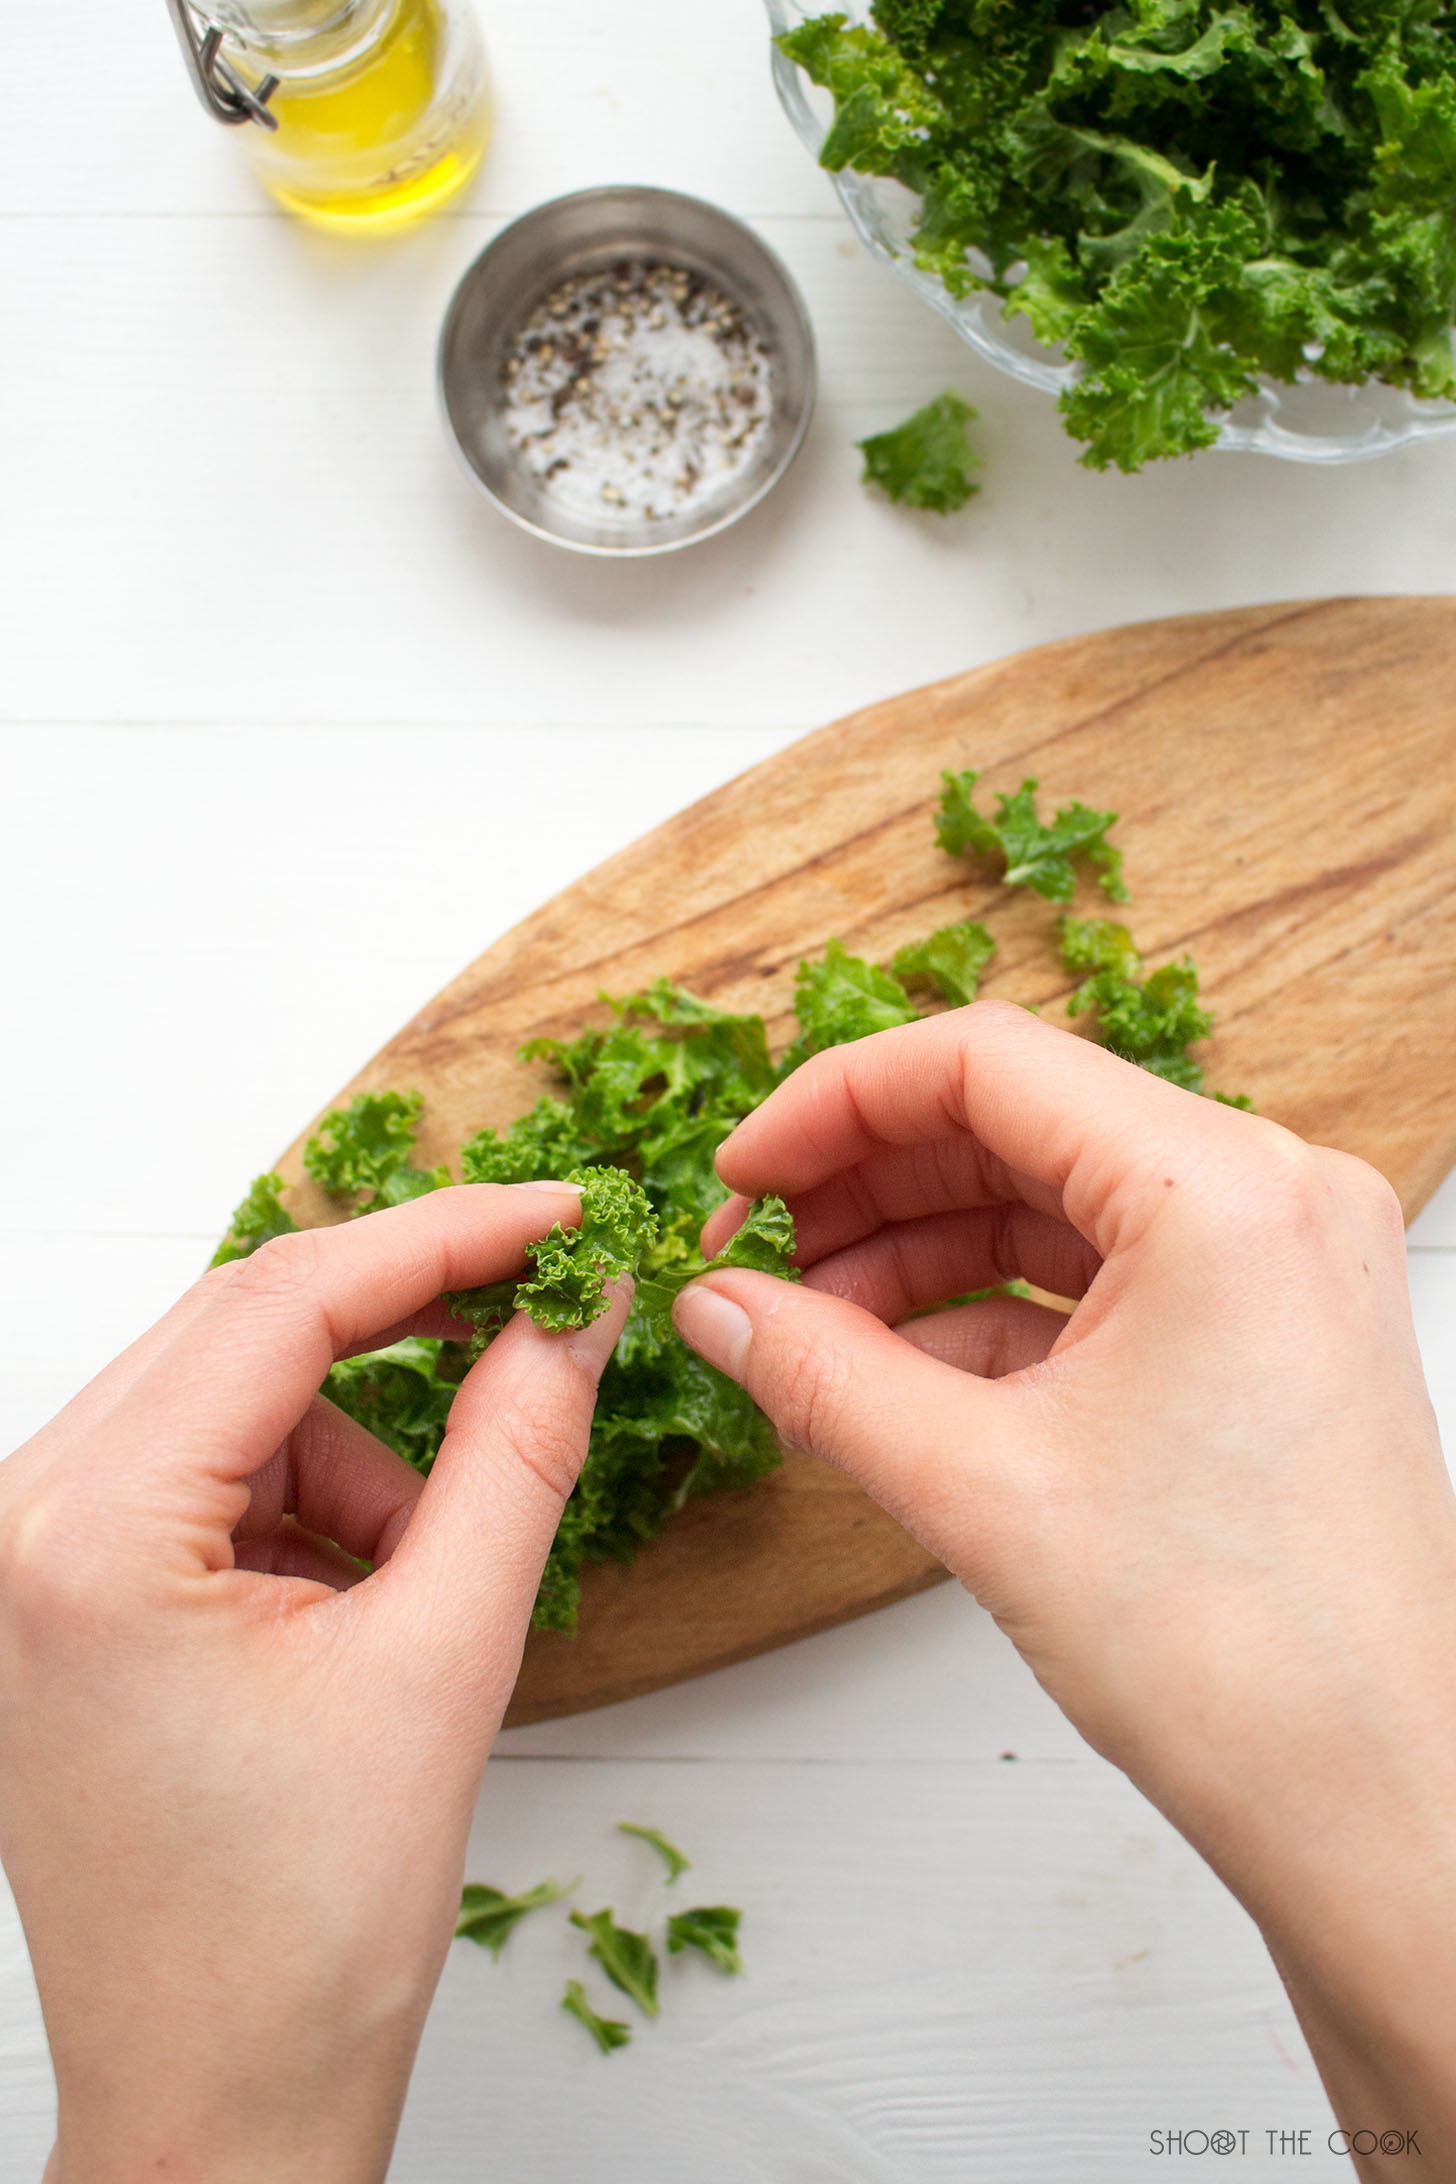 Ensalada de trigo sarraceno y col rizada o kale